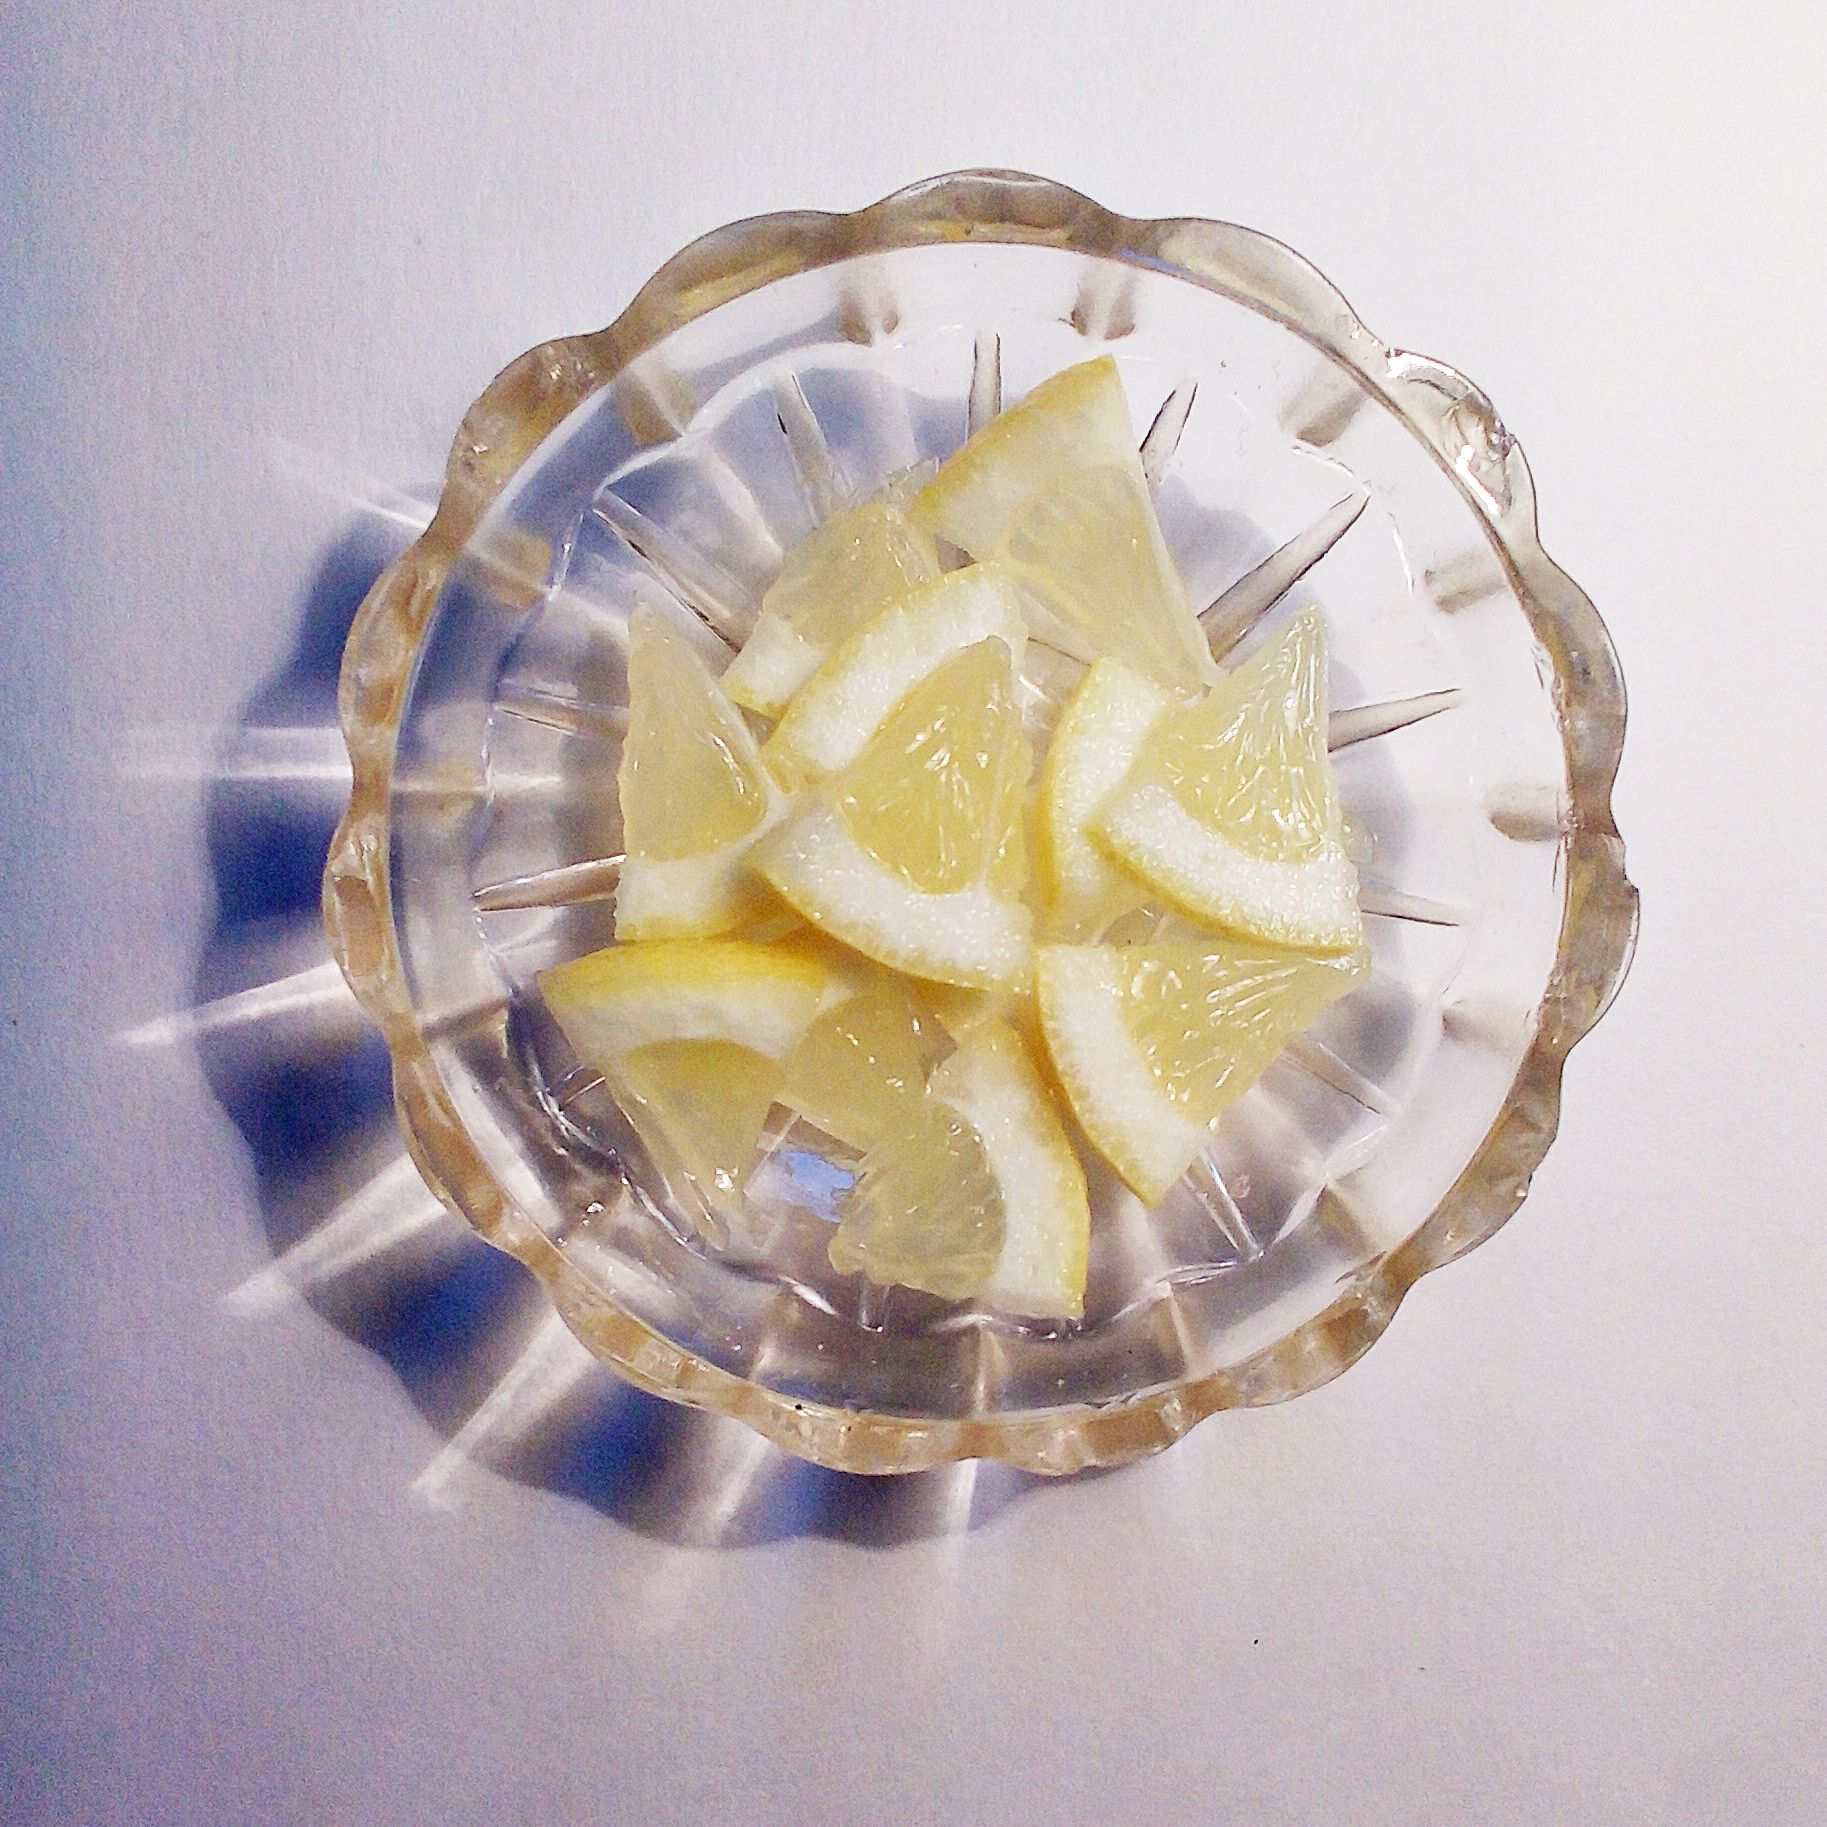 Лимонные дольки рецепт с фото пошагово - nu 90